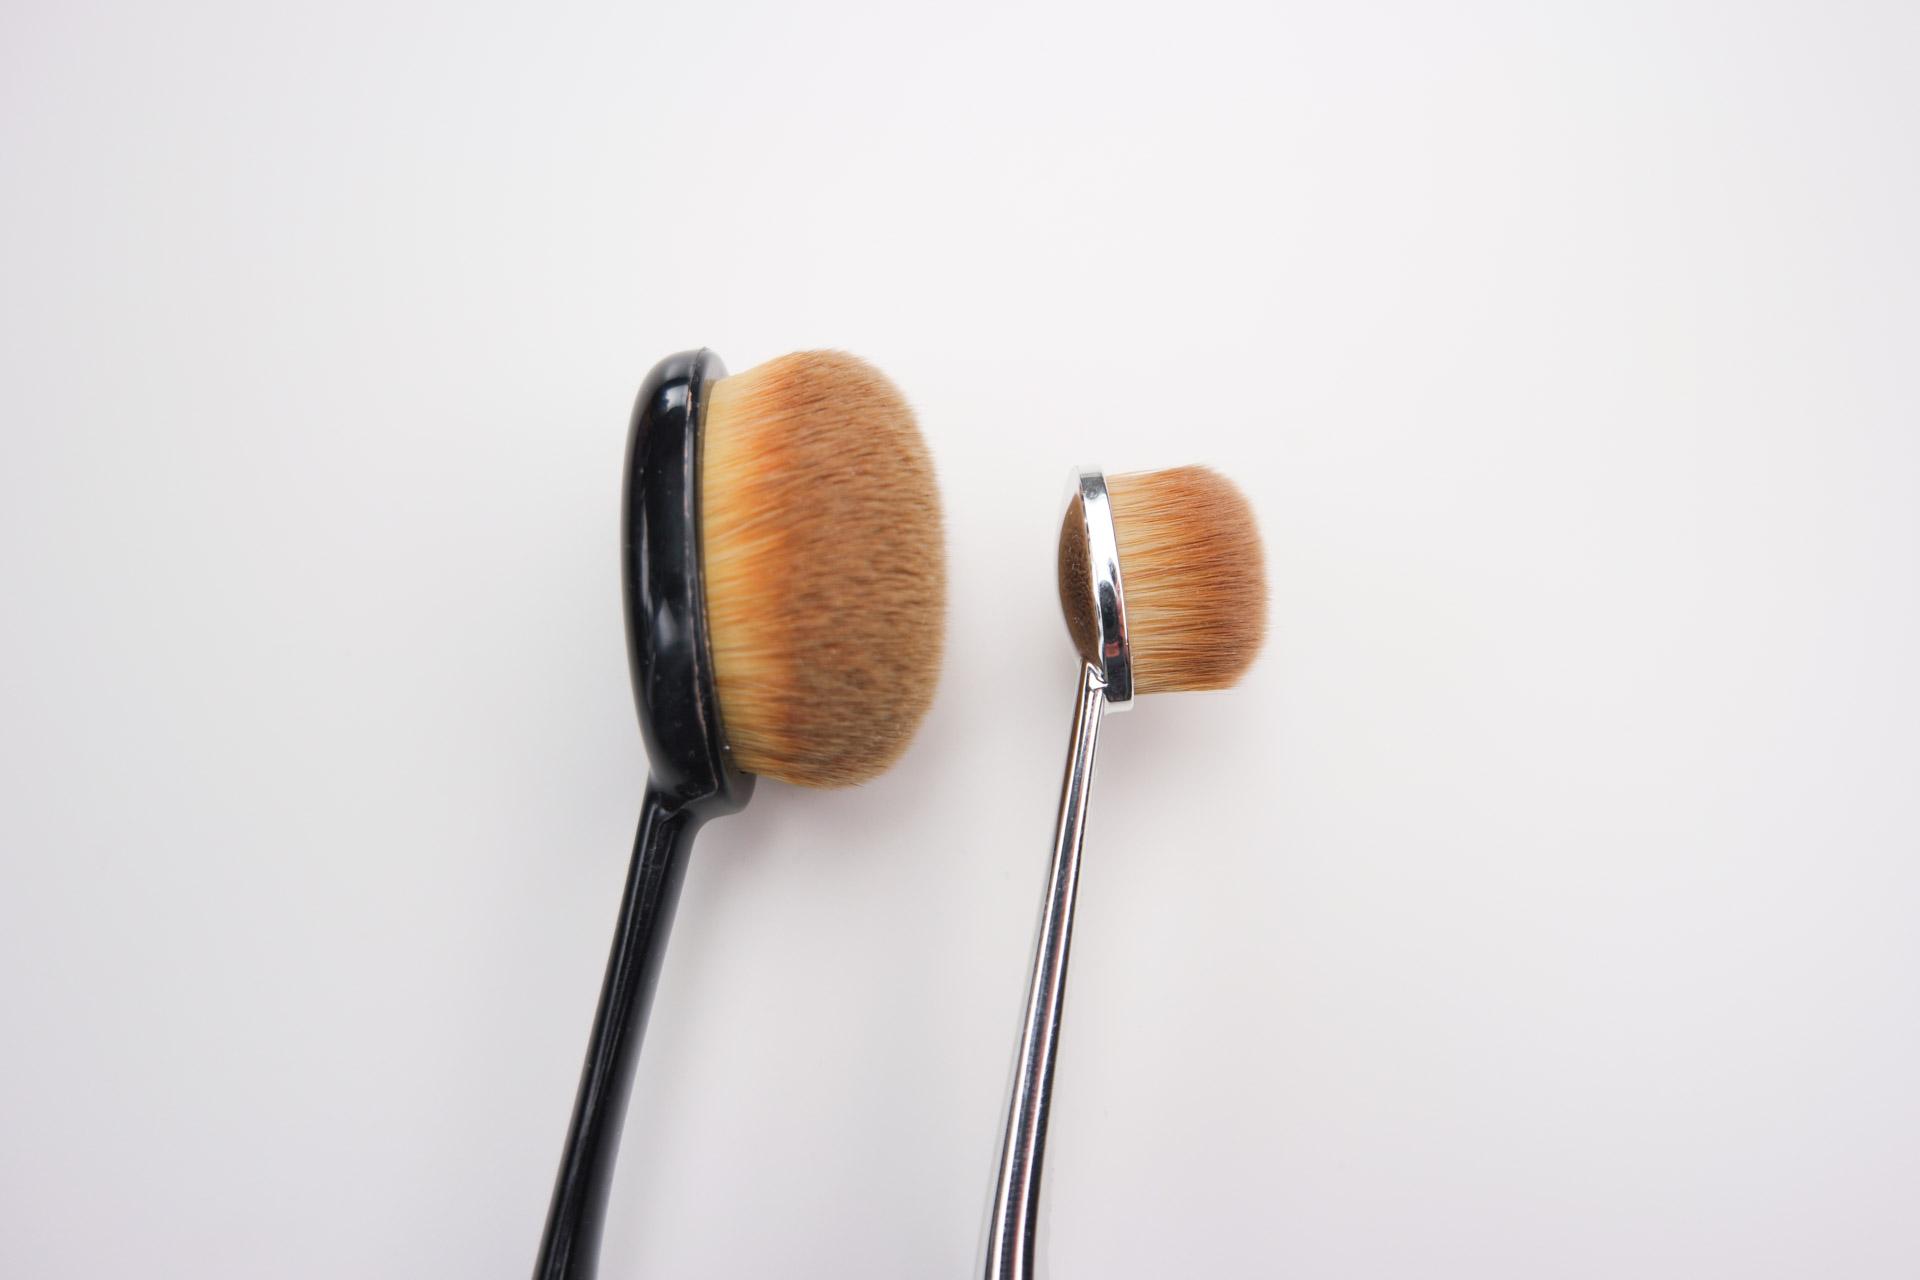 Brushes compared artis oval 3 vs ibeauty 21 lipstick for Brush craft vs artis